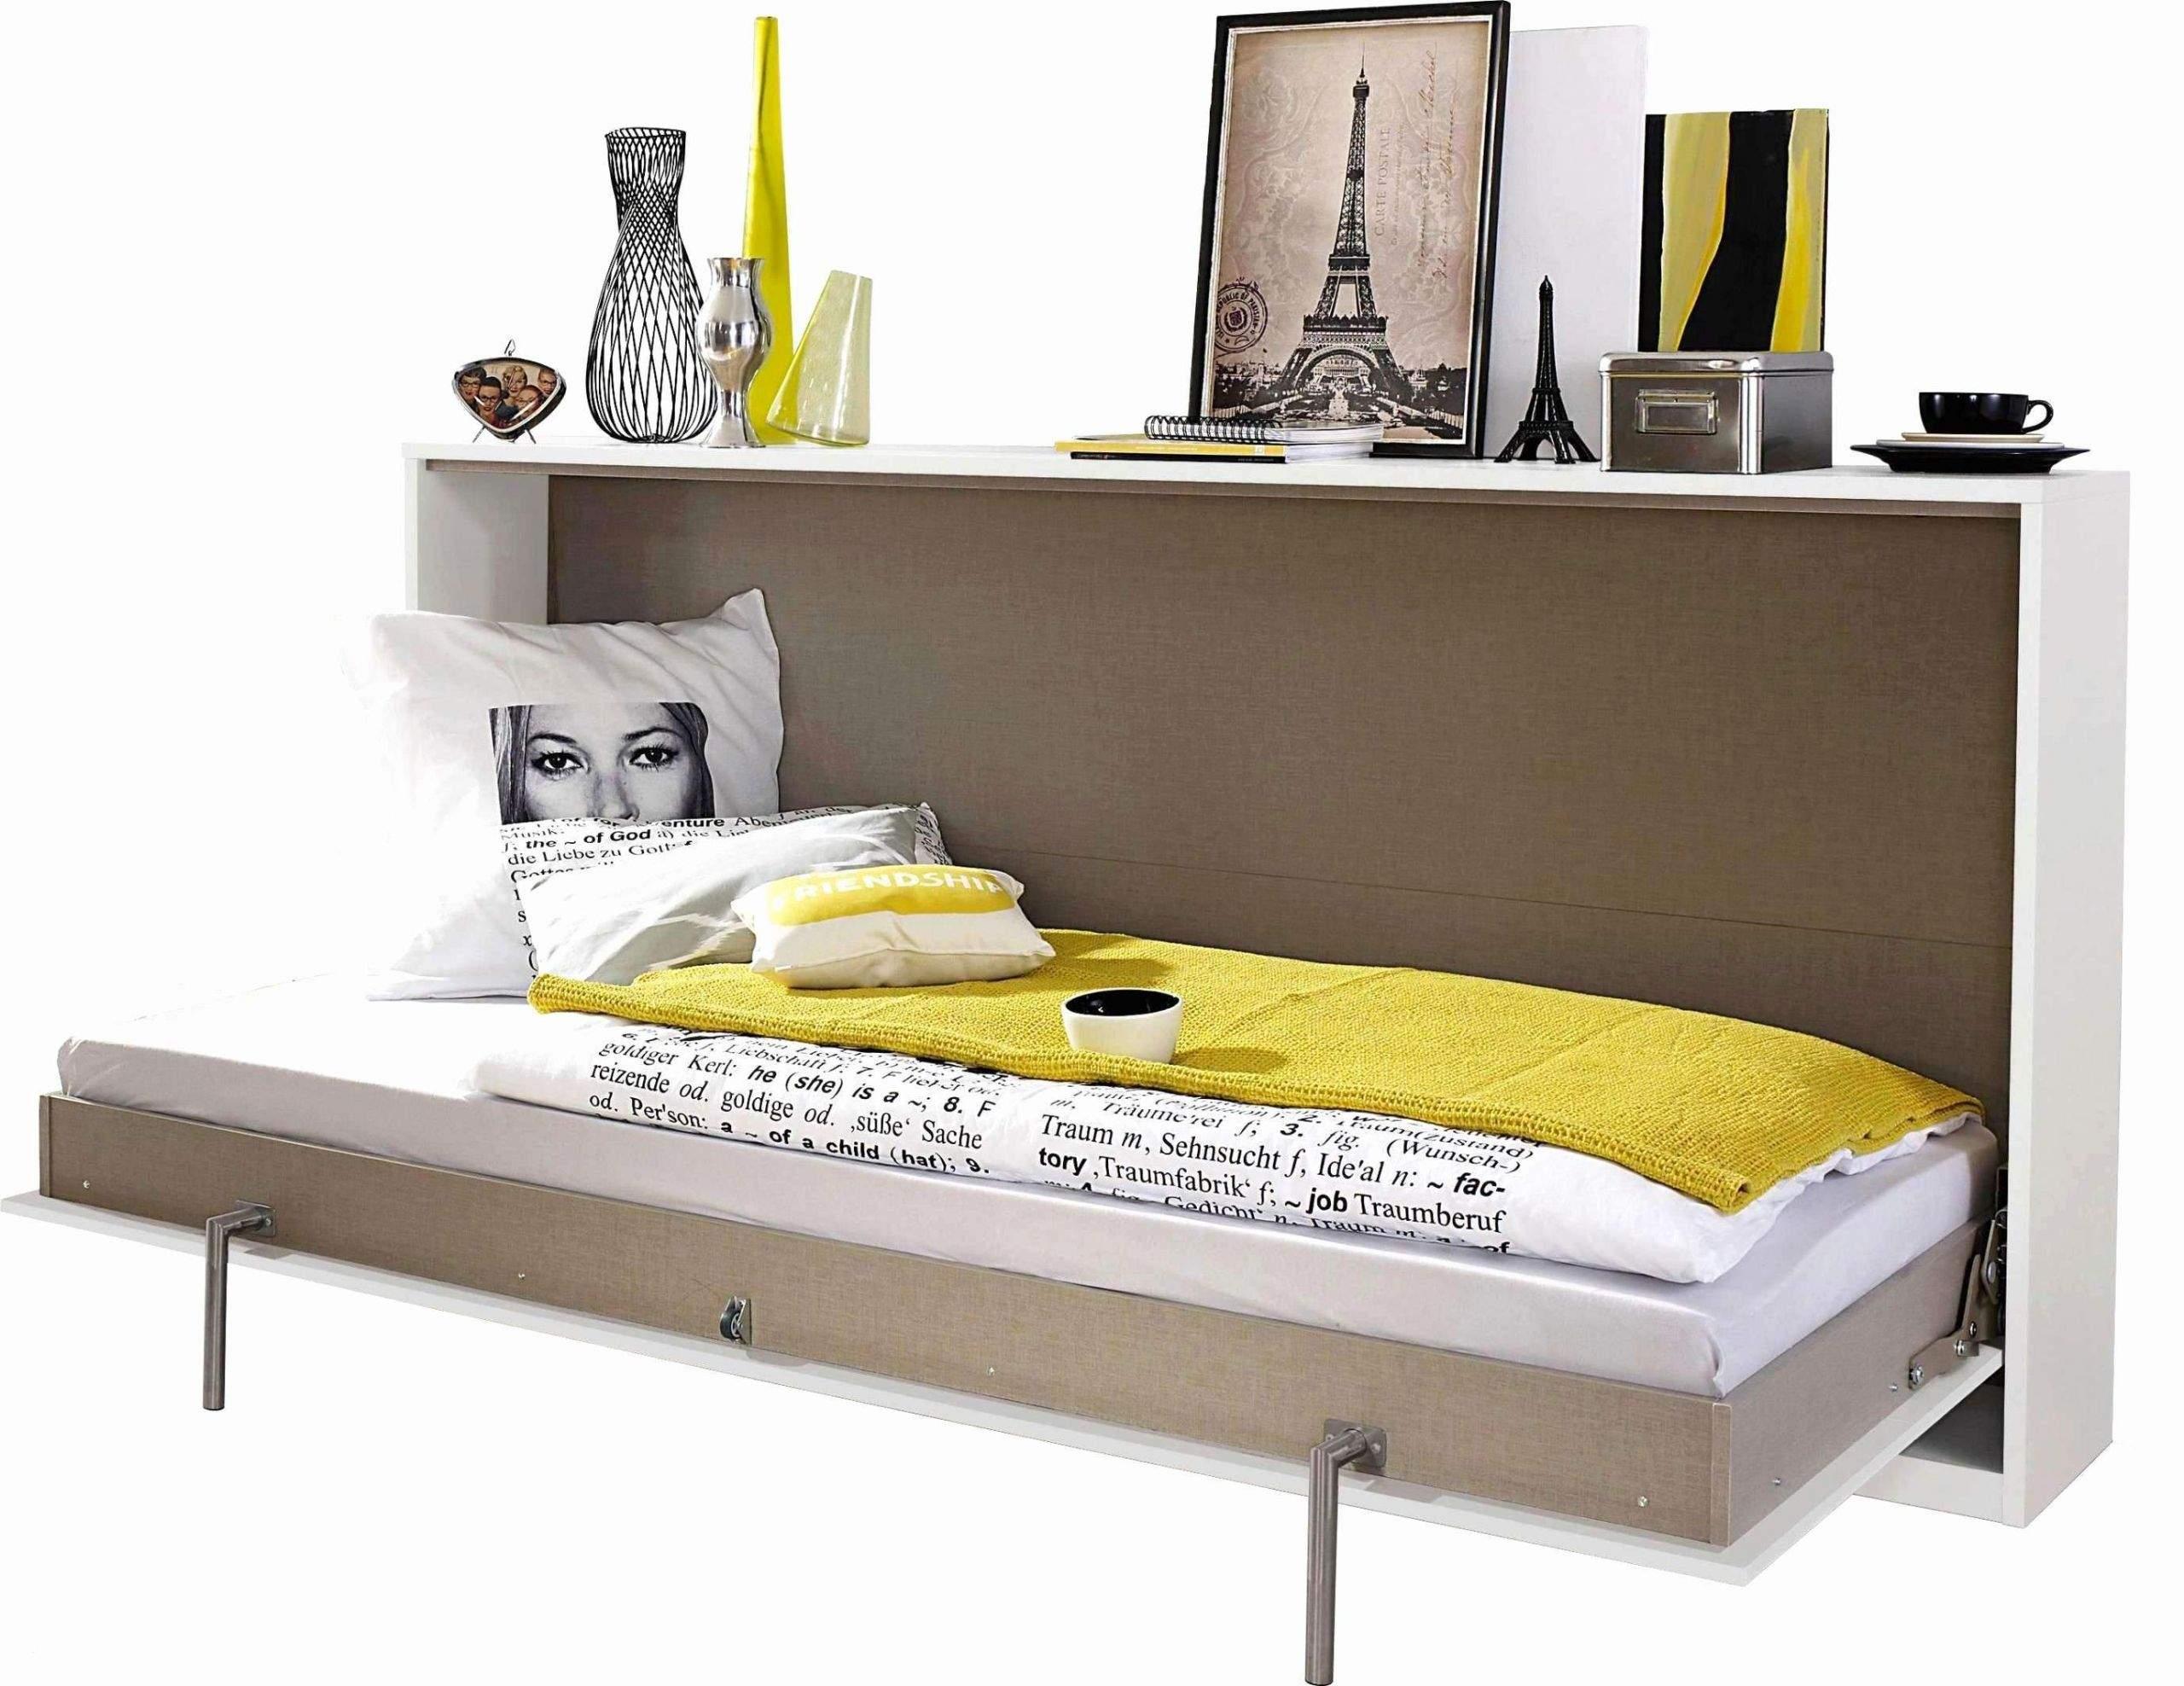 ideen furs wohnzimmer das beste von elegant shabby wohnzimmer of ideen furs wohnzimmer scaled